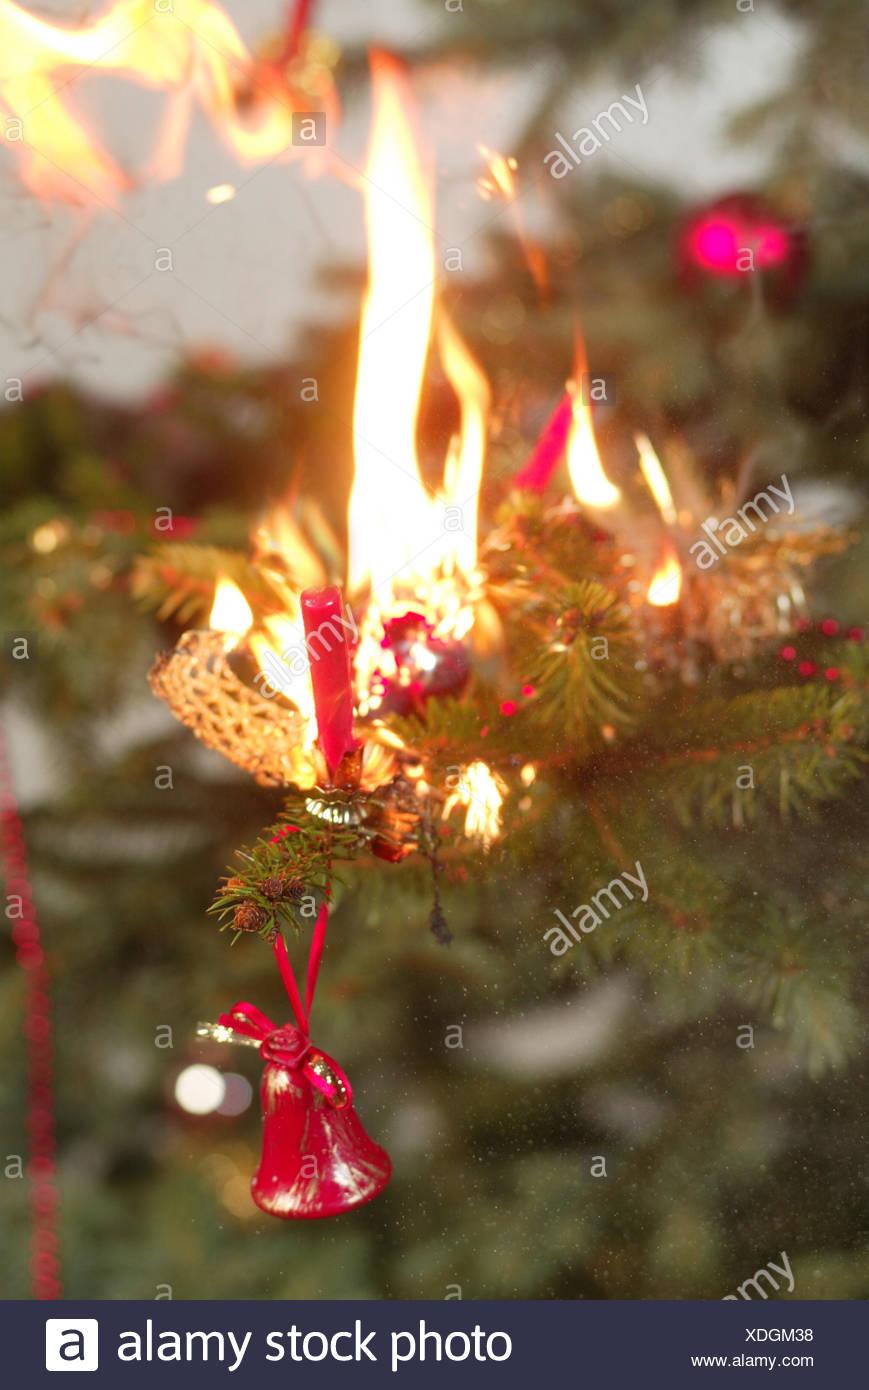 Weihnachtsbaum Explodiert.Weihnachtsbaum Explosion Detail Weihnachten Heiligabend Unfall